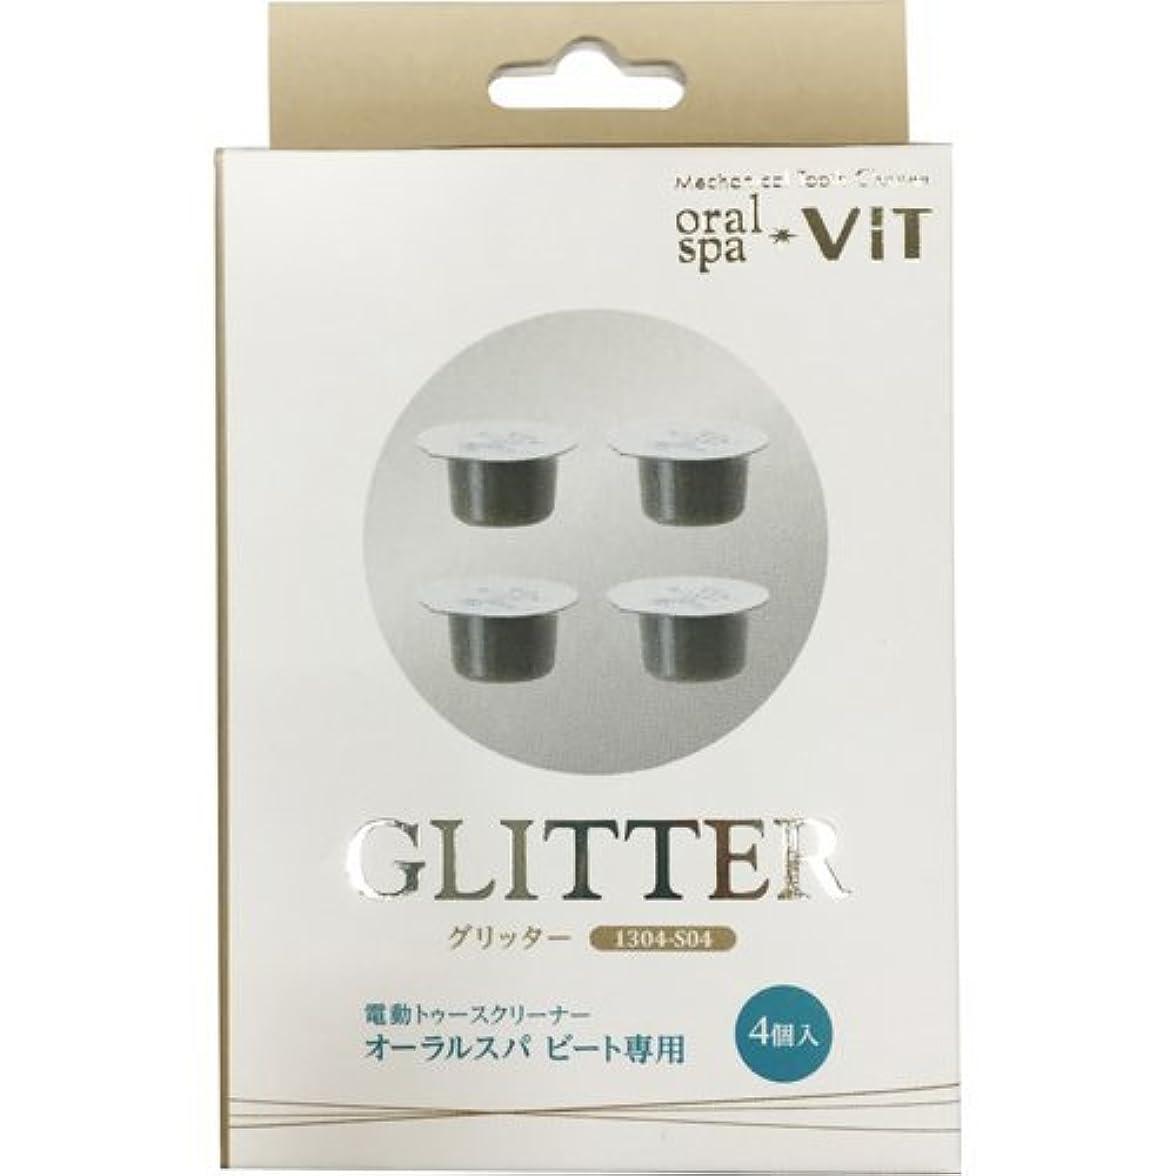 実現可能クルーズ耐える電動トゥースクリーナー oral spa VIT(オーラルスパビート)専用グリッター スペアミント 4個入